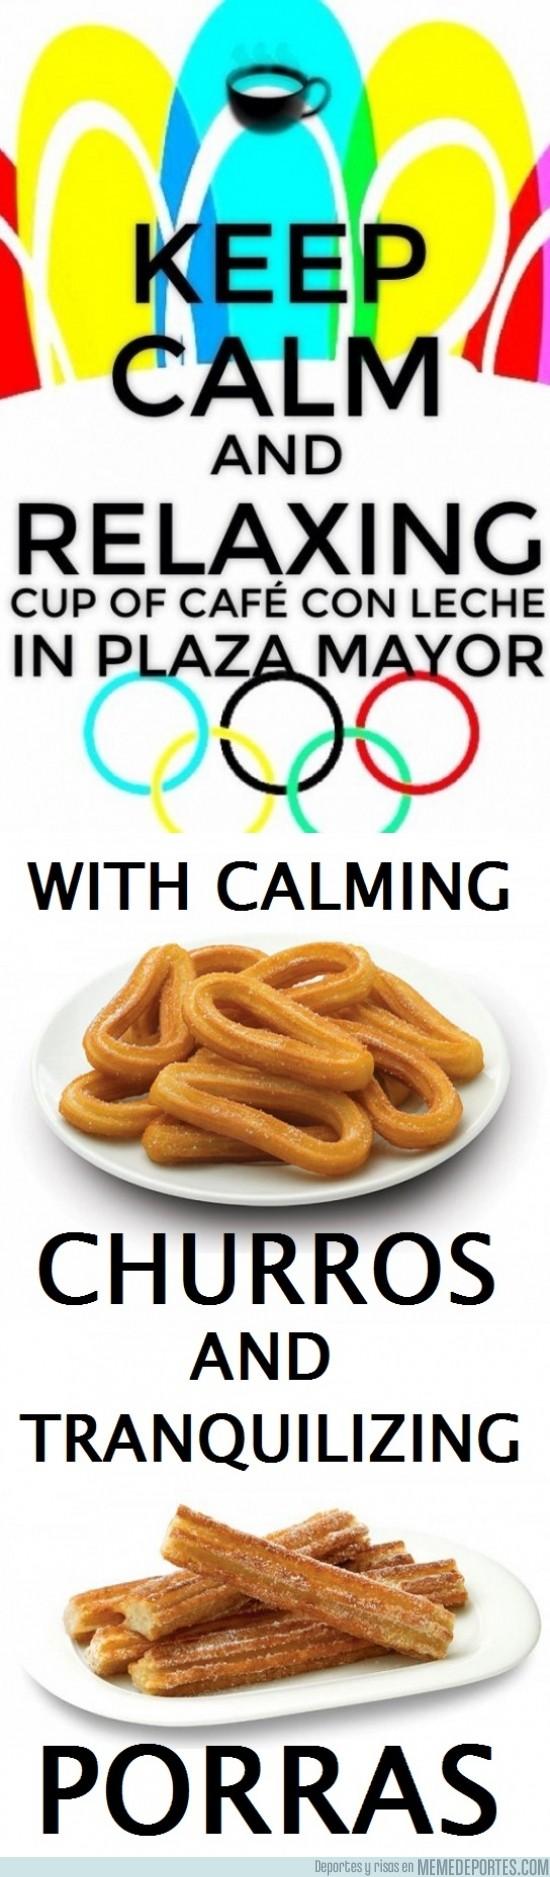 185055 - El desayuno de los olímpicos madrileños. Oh wait...